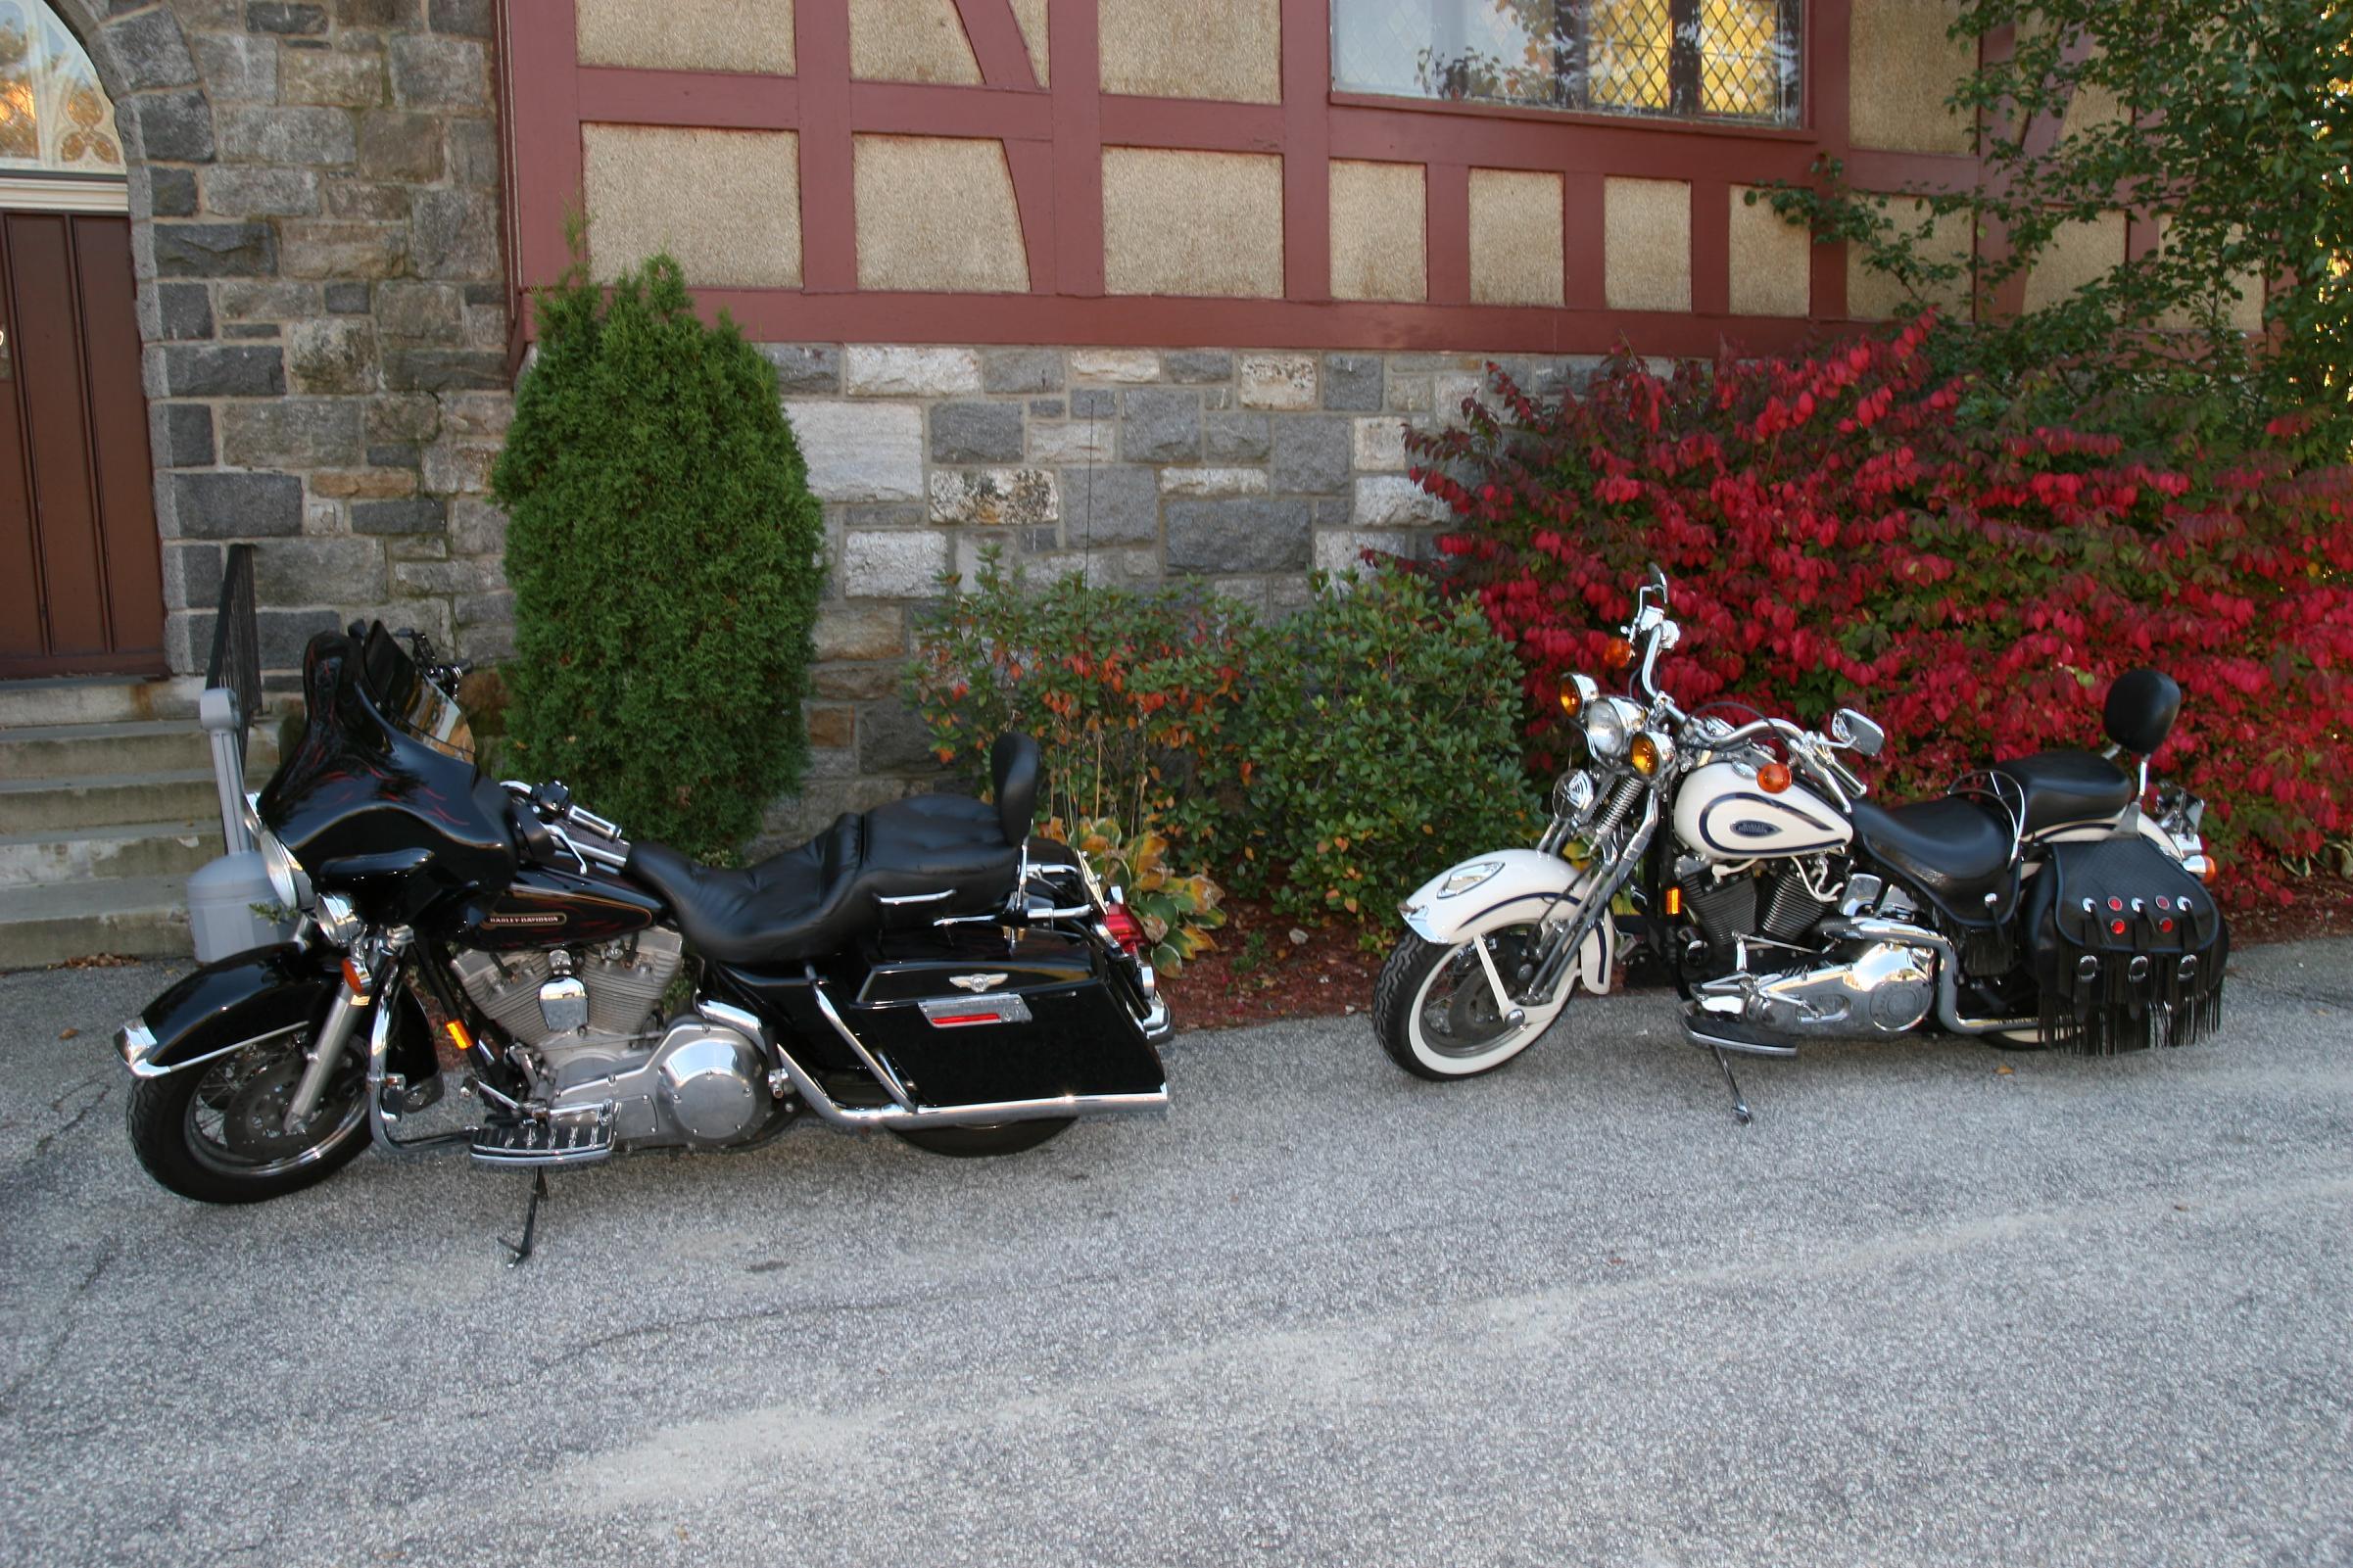 guns and bikes-img_5090.jpg